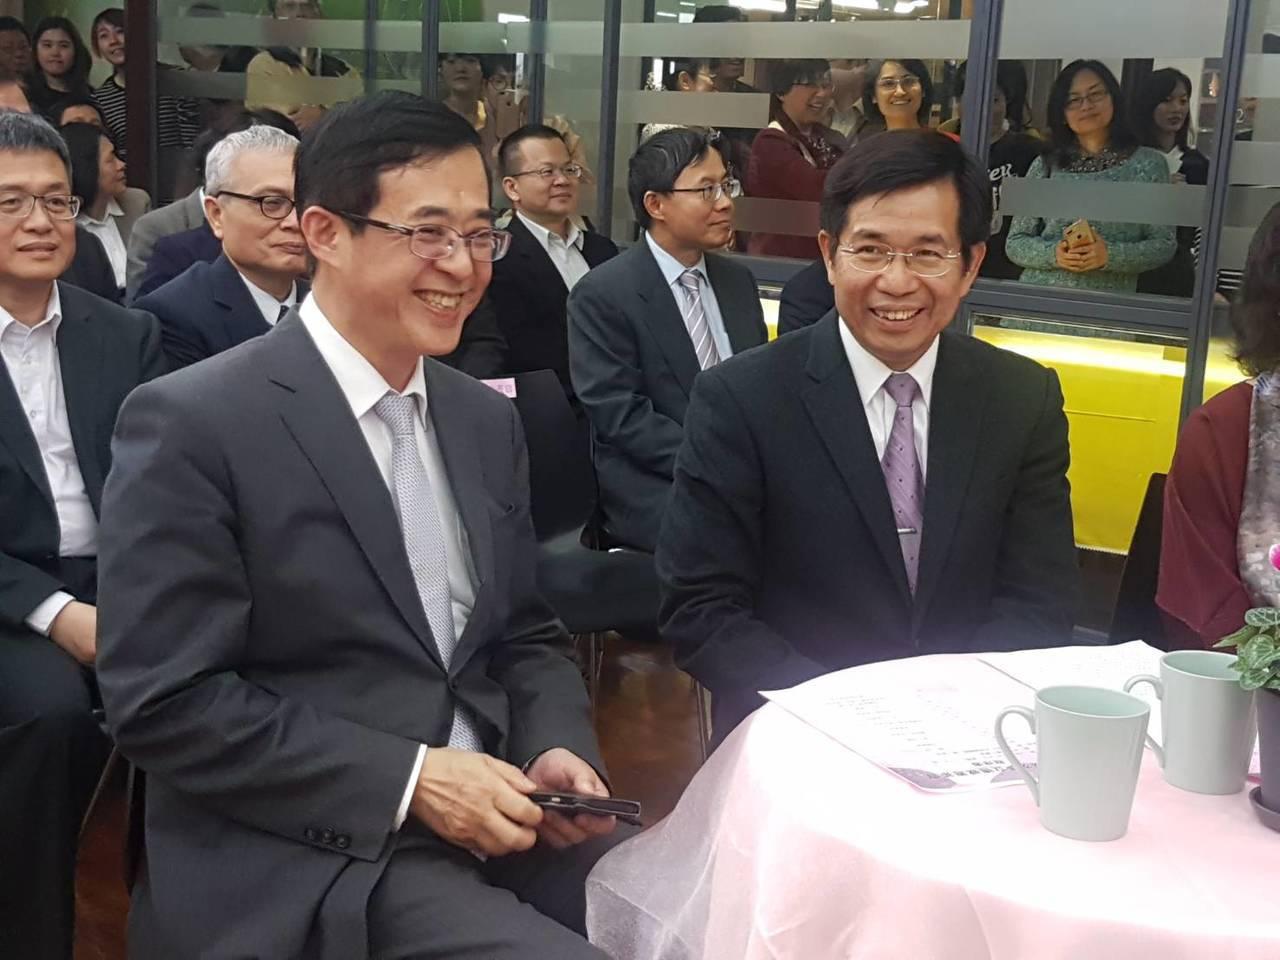 教育部前次長姚立德(左)將返回台北科大服務。記者吳佩旻/攝影